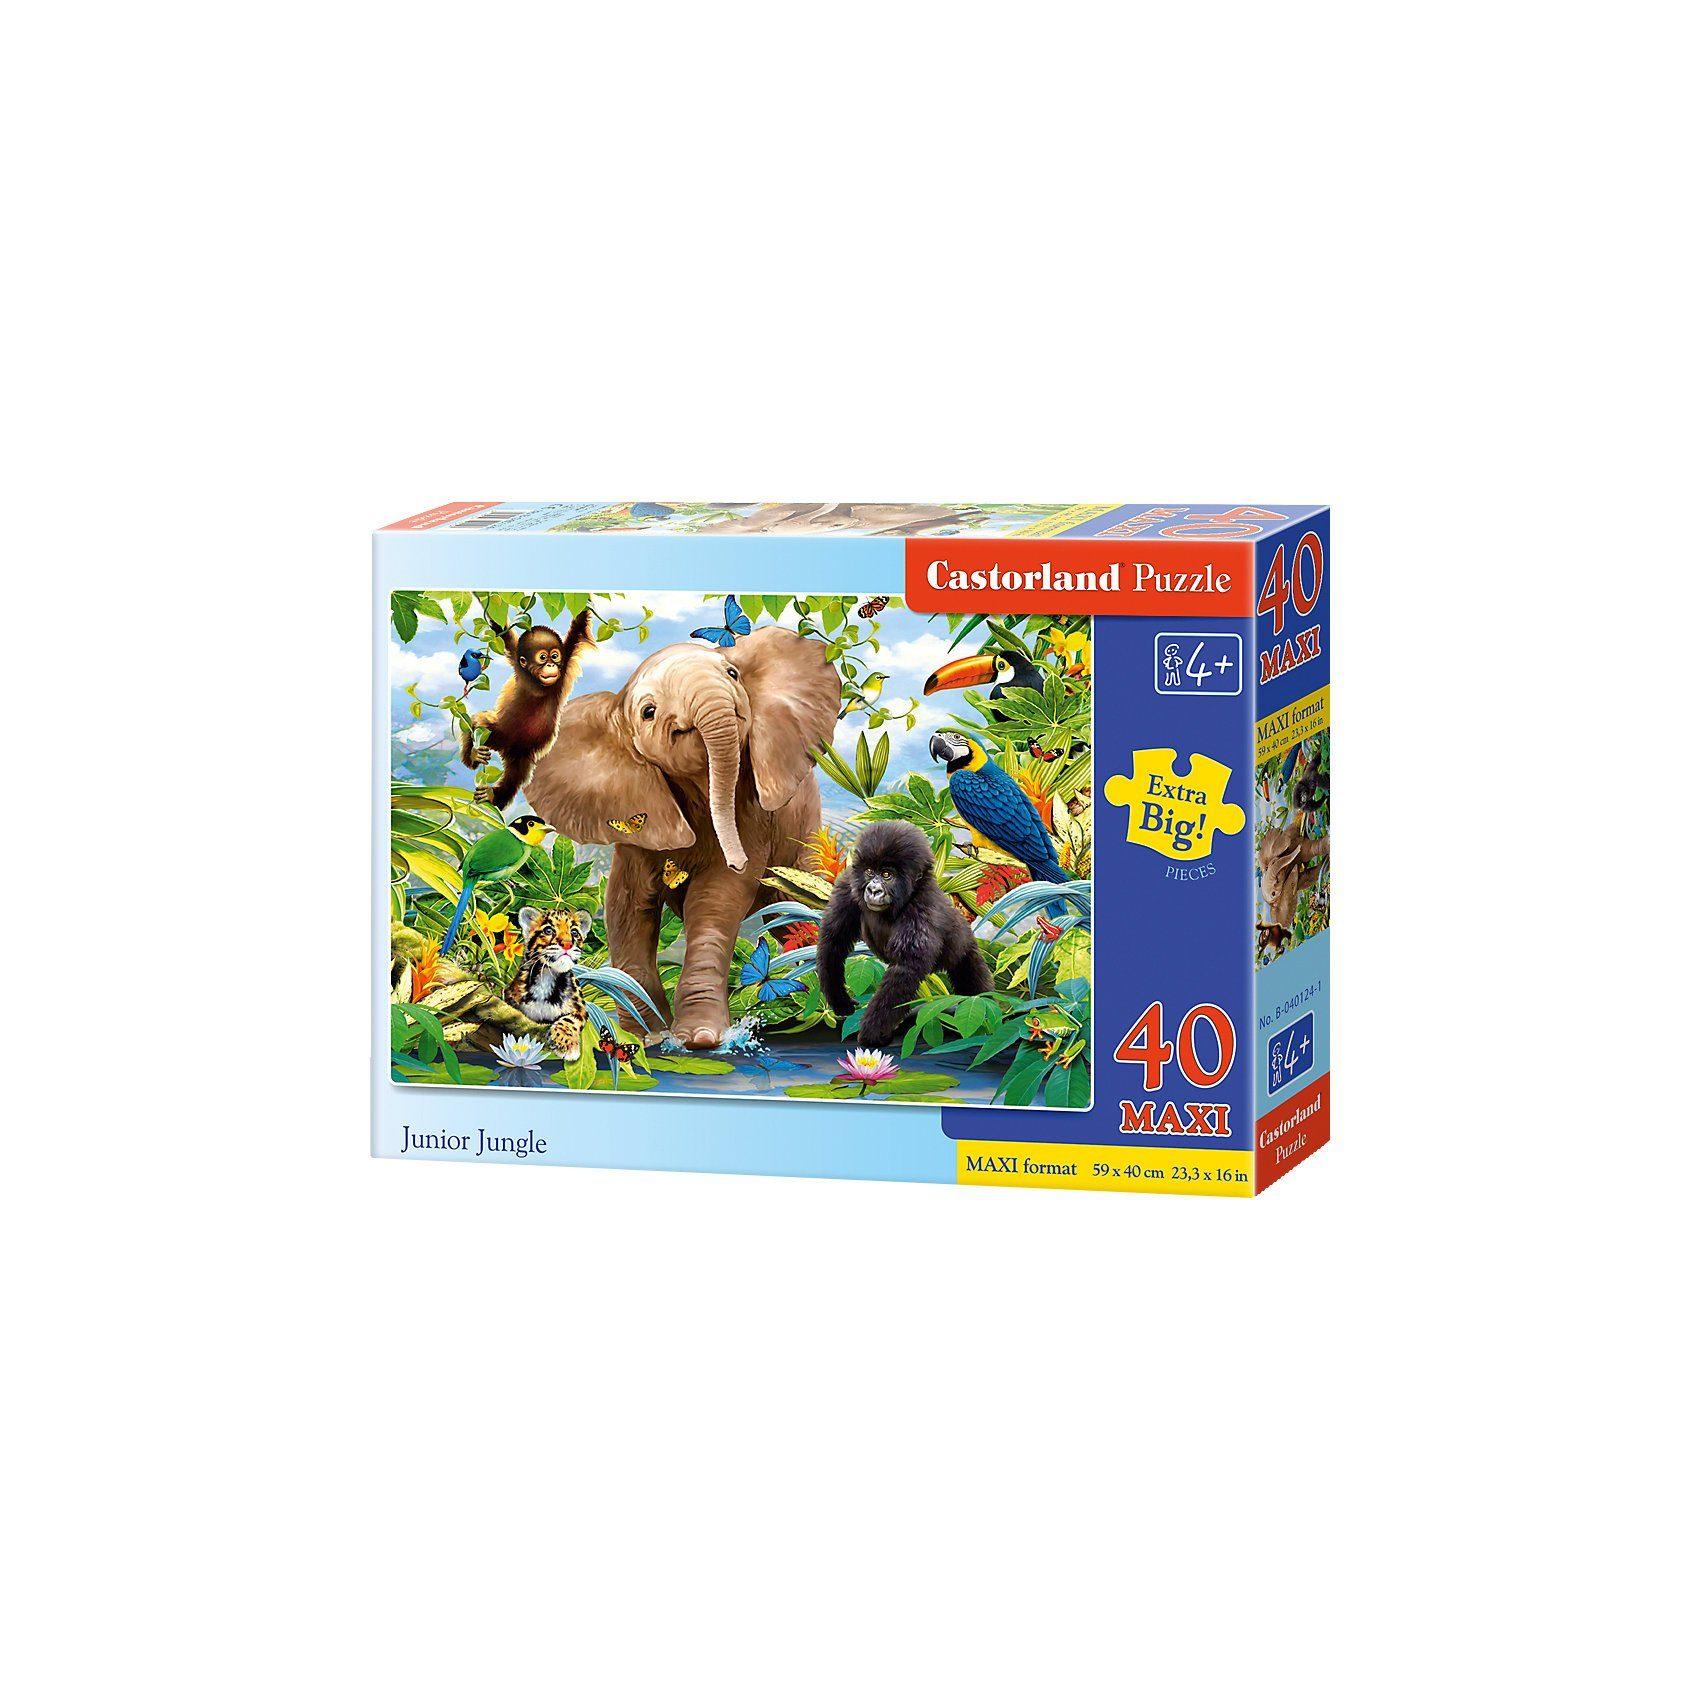 Castorland Bodenpuzzle 40 Teile Maxi - Dschungeltiere